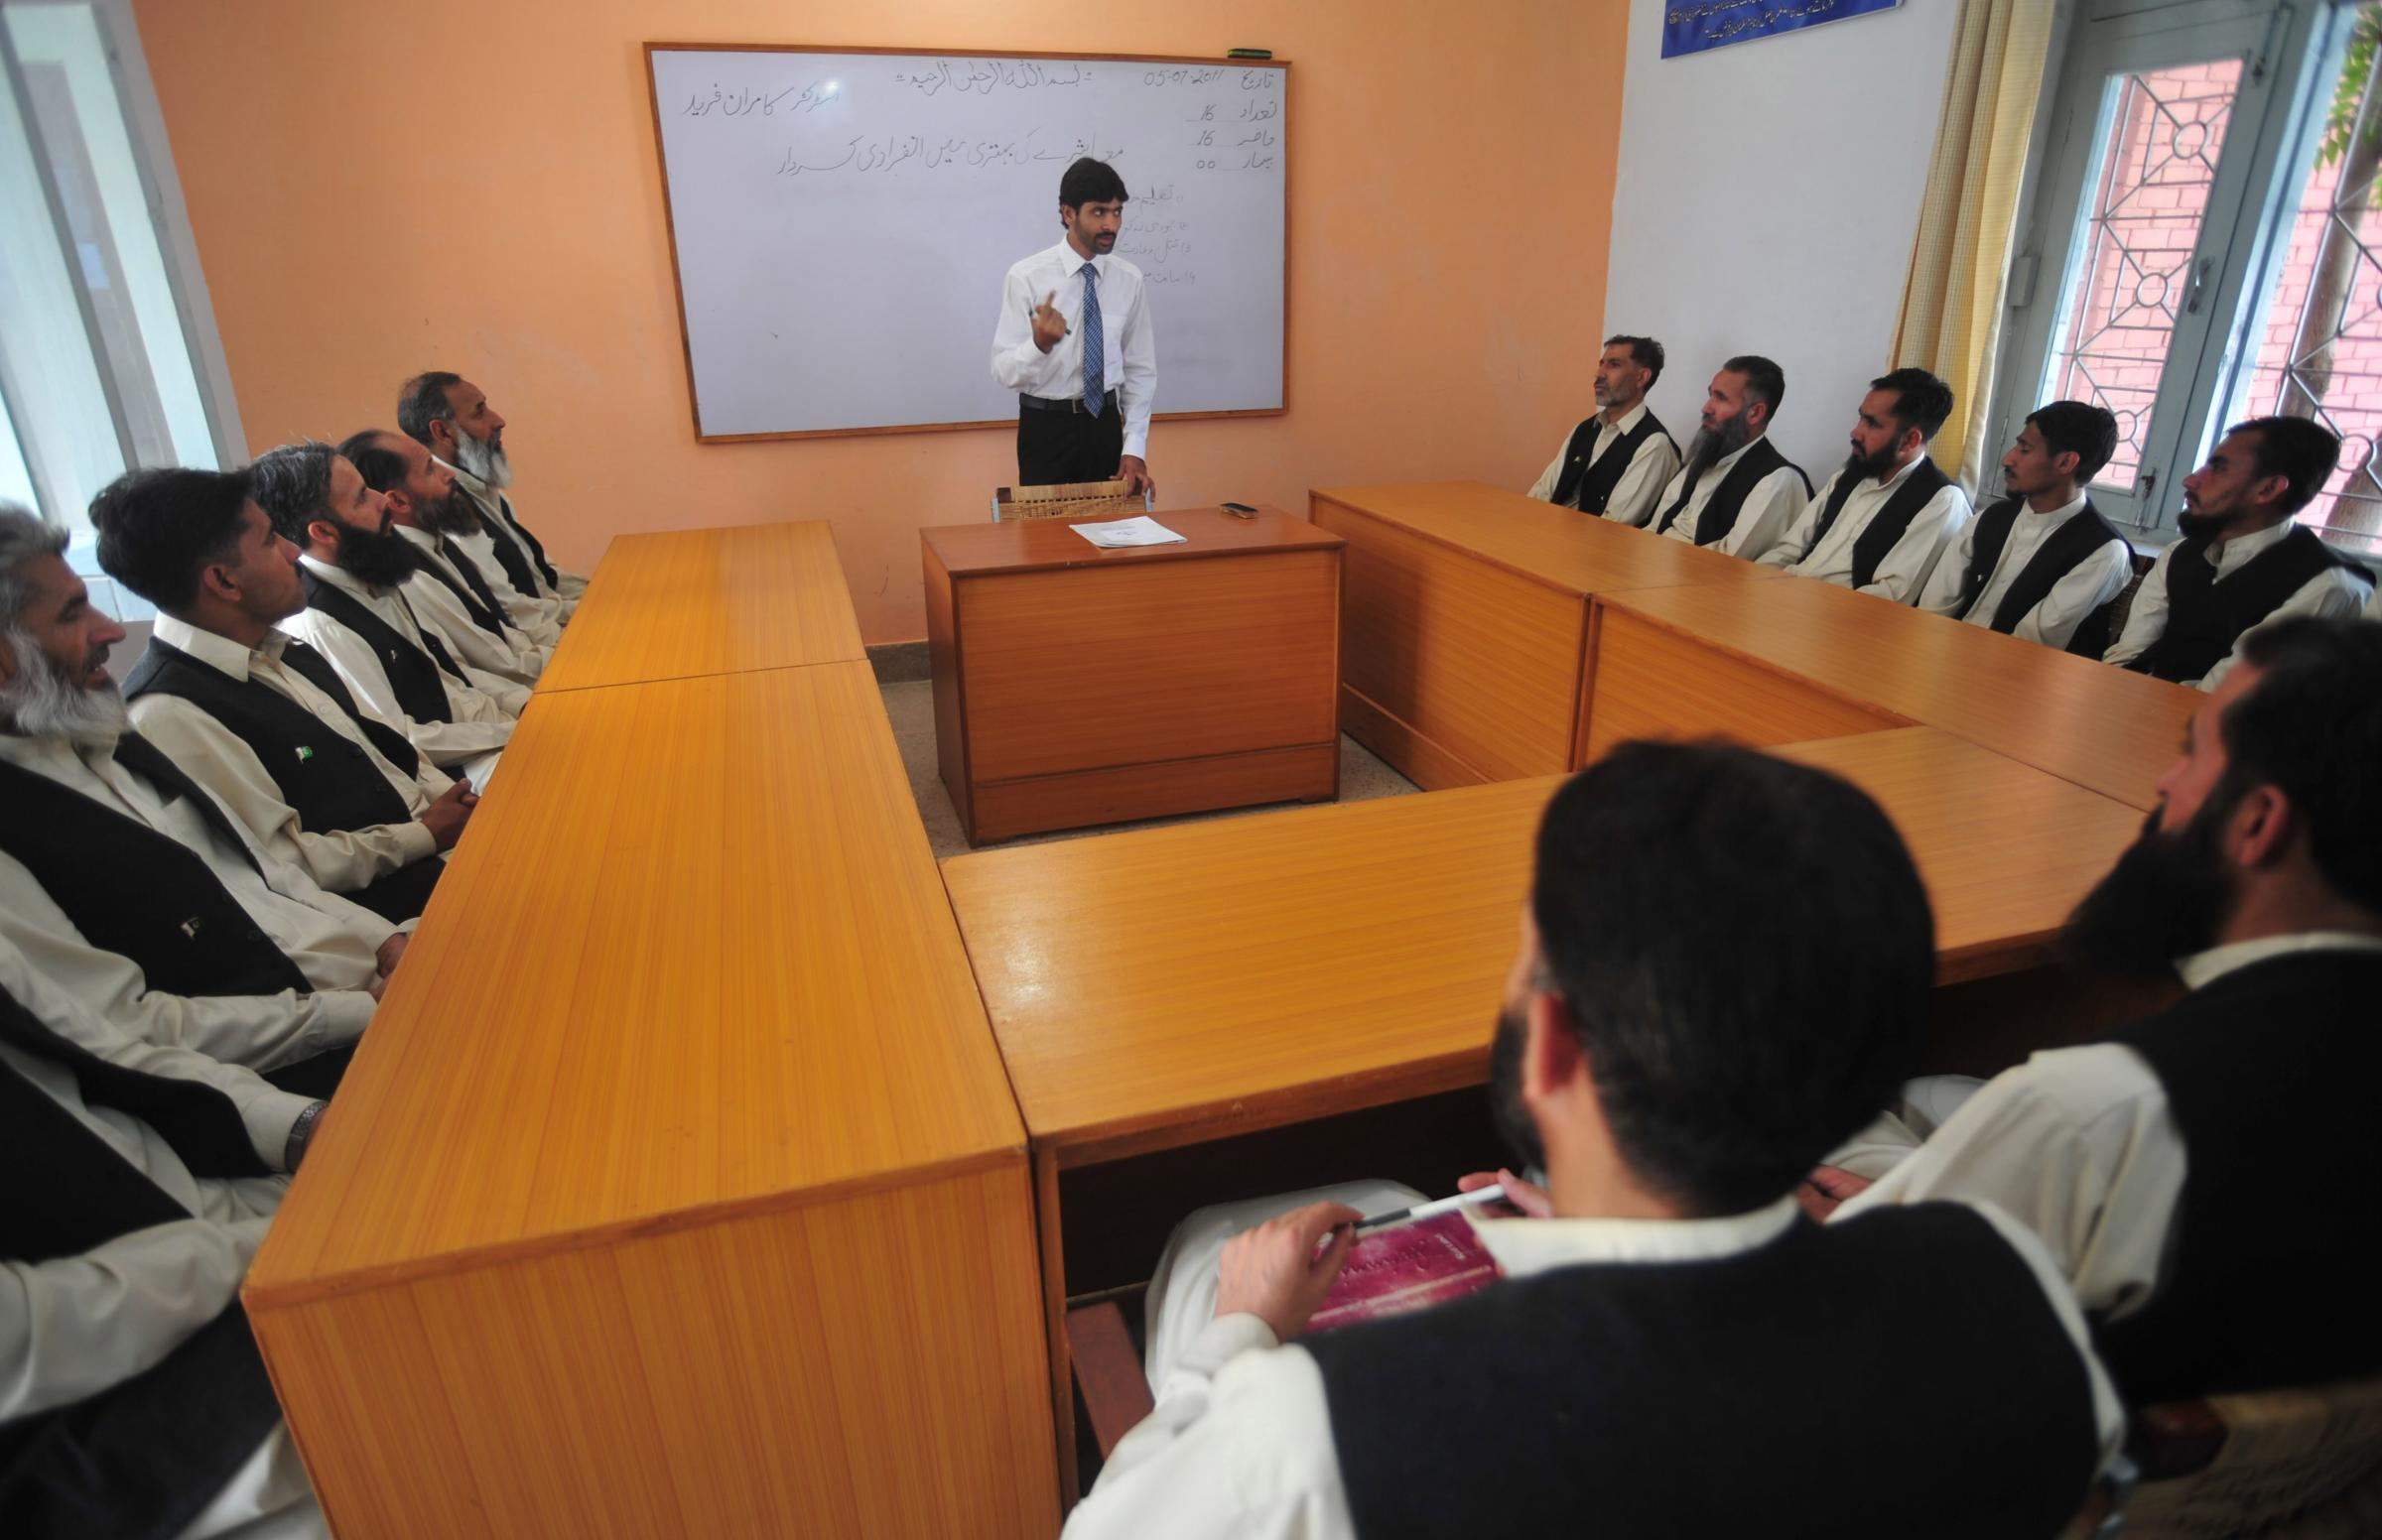 гдз по обществознанию боголюбов 10 класс: